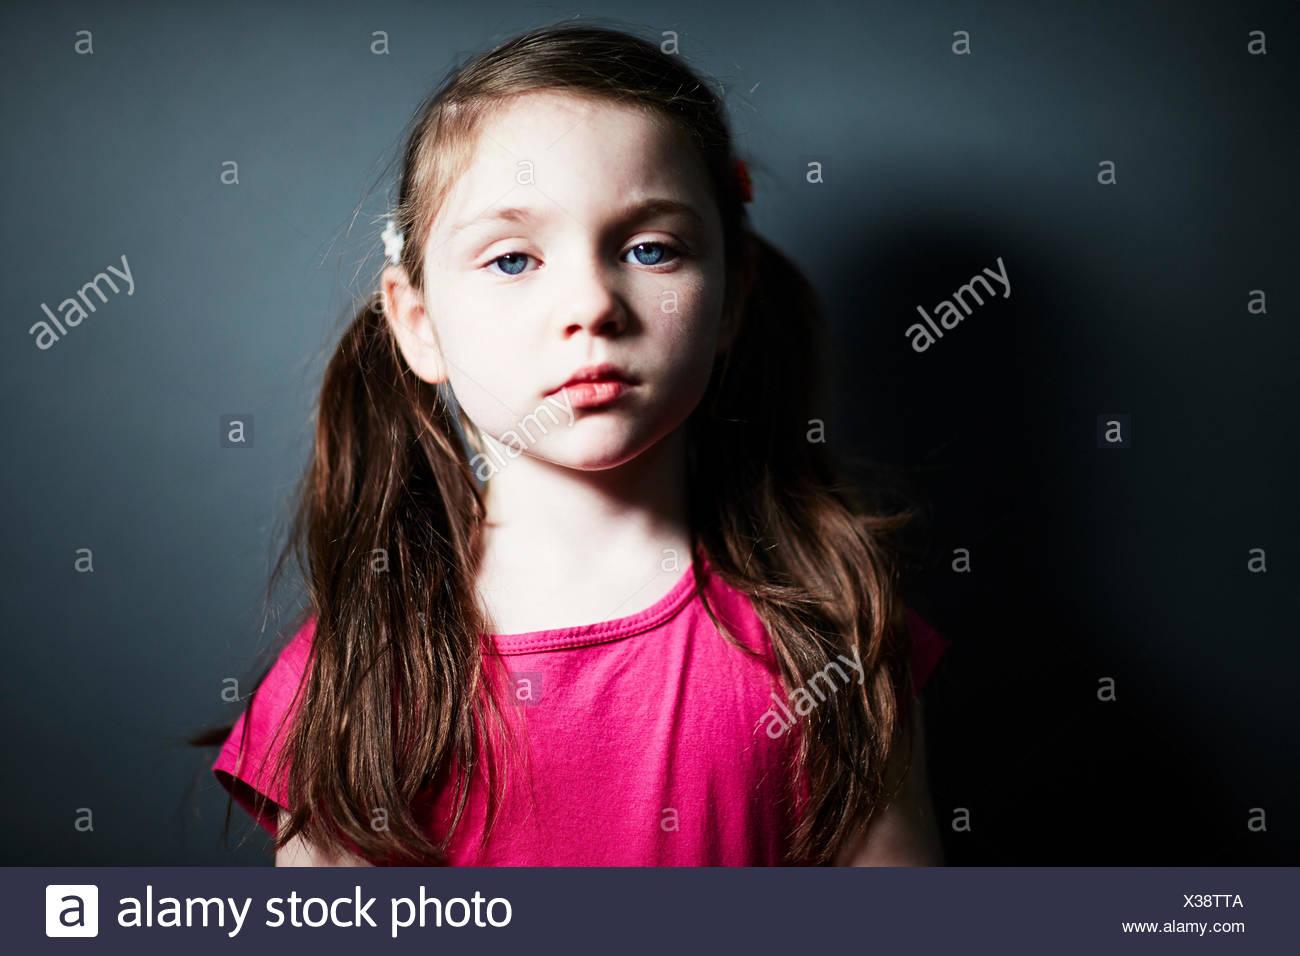 Mädchen mit Zöpfen Stockbild